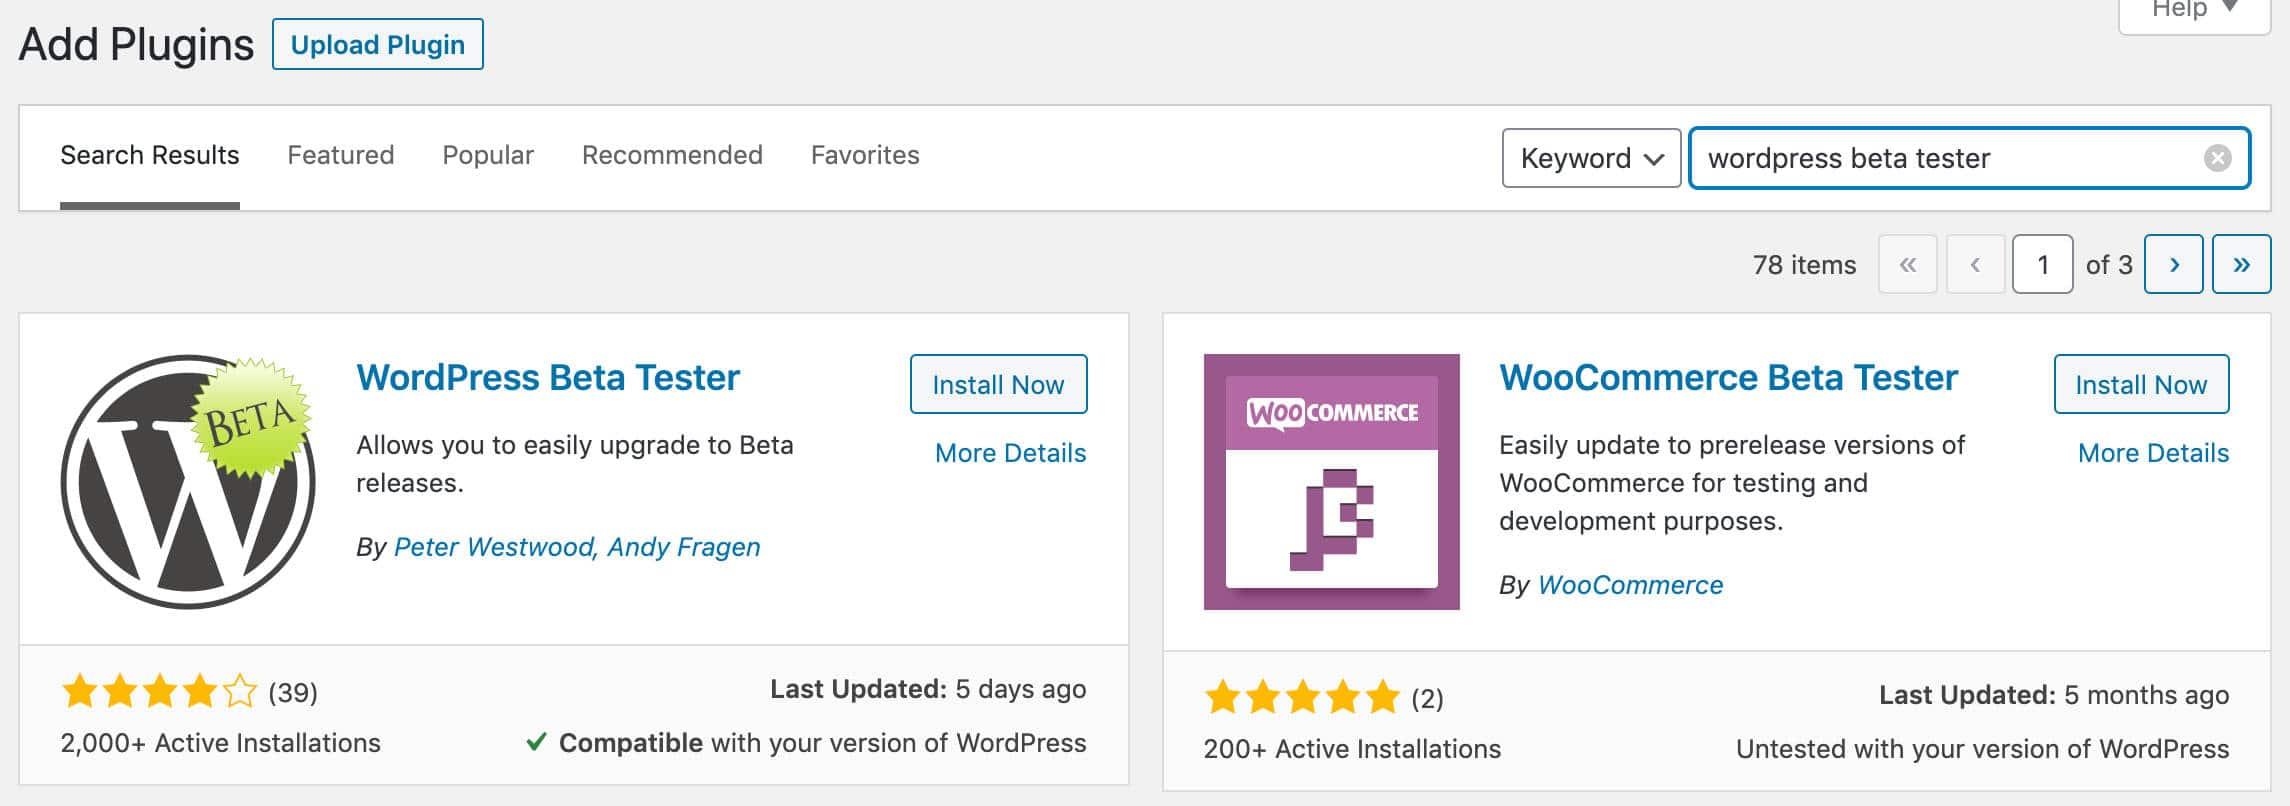 Das WordPress Beta Tester Plugin installieren